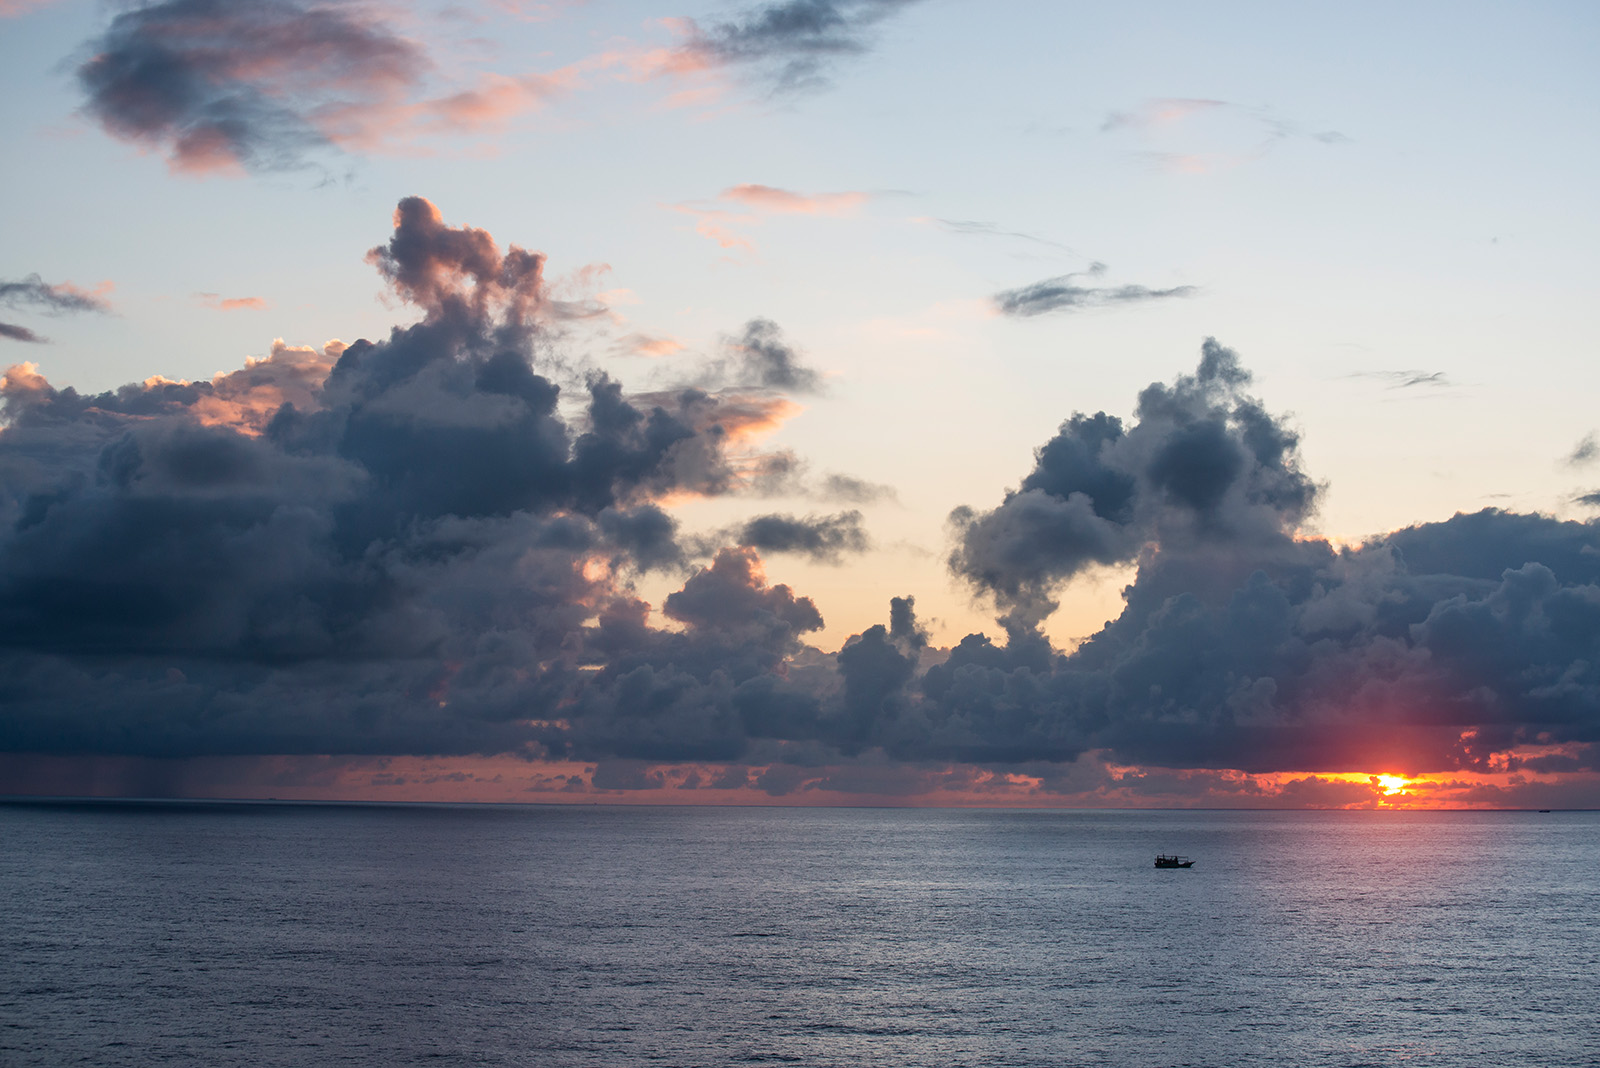 色彩就是在一瞬间迸发出来,雨云虽然依旧浓厚,但是无法阻挡太阳把颜料洒向空中。恰好有渔船经过,多了一些生动。